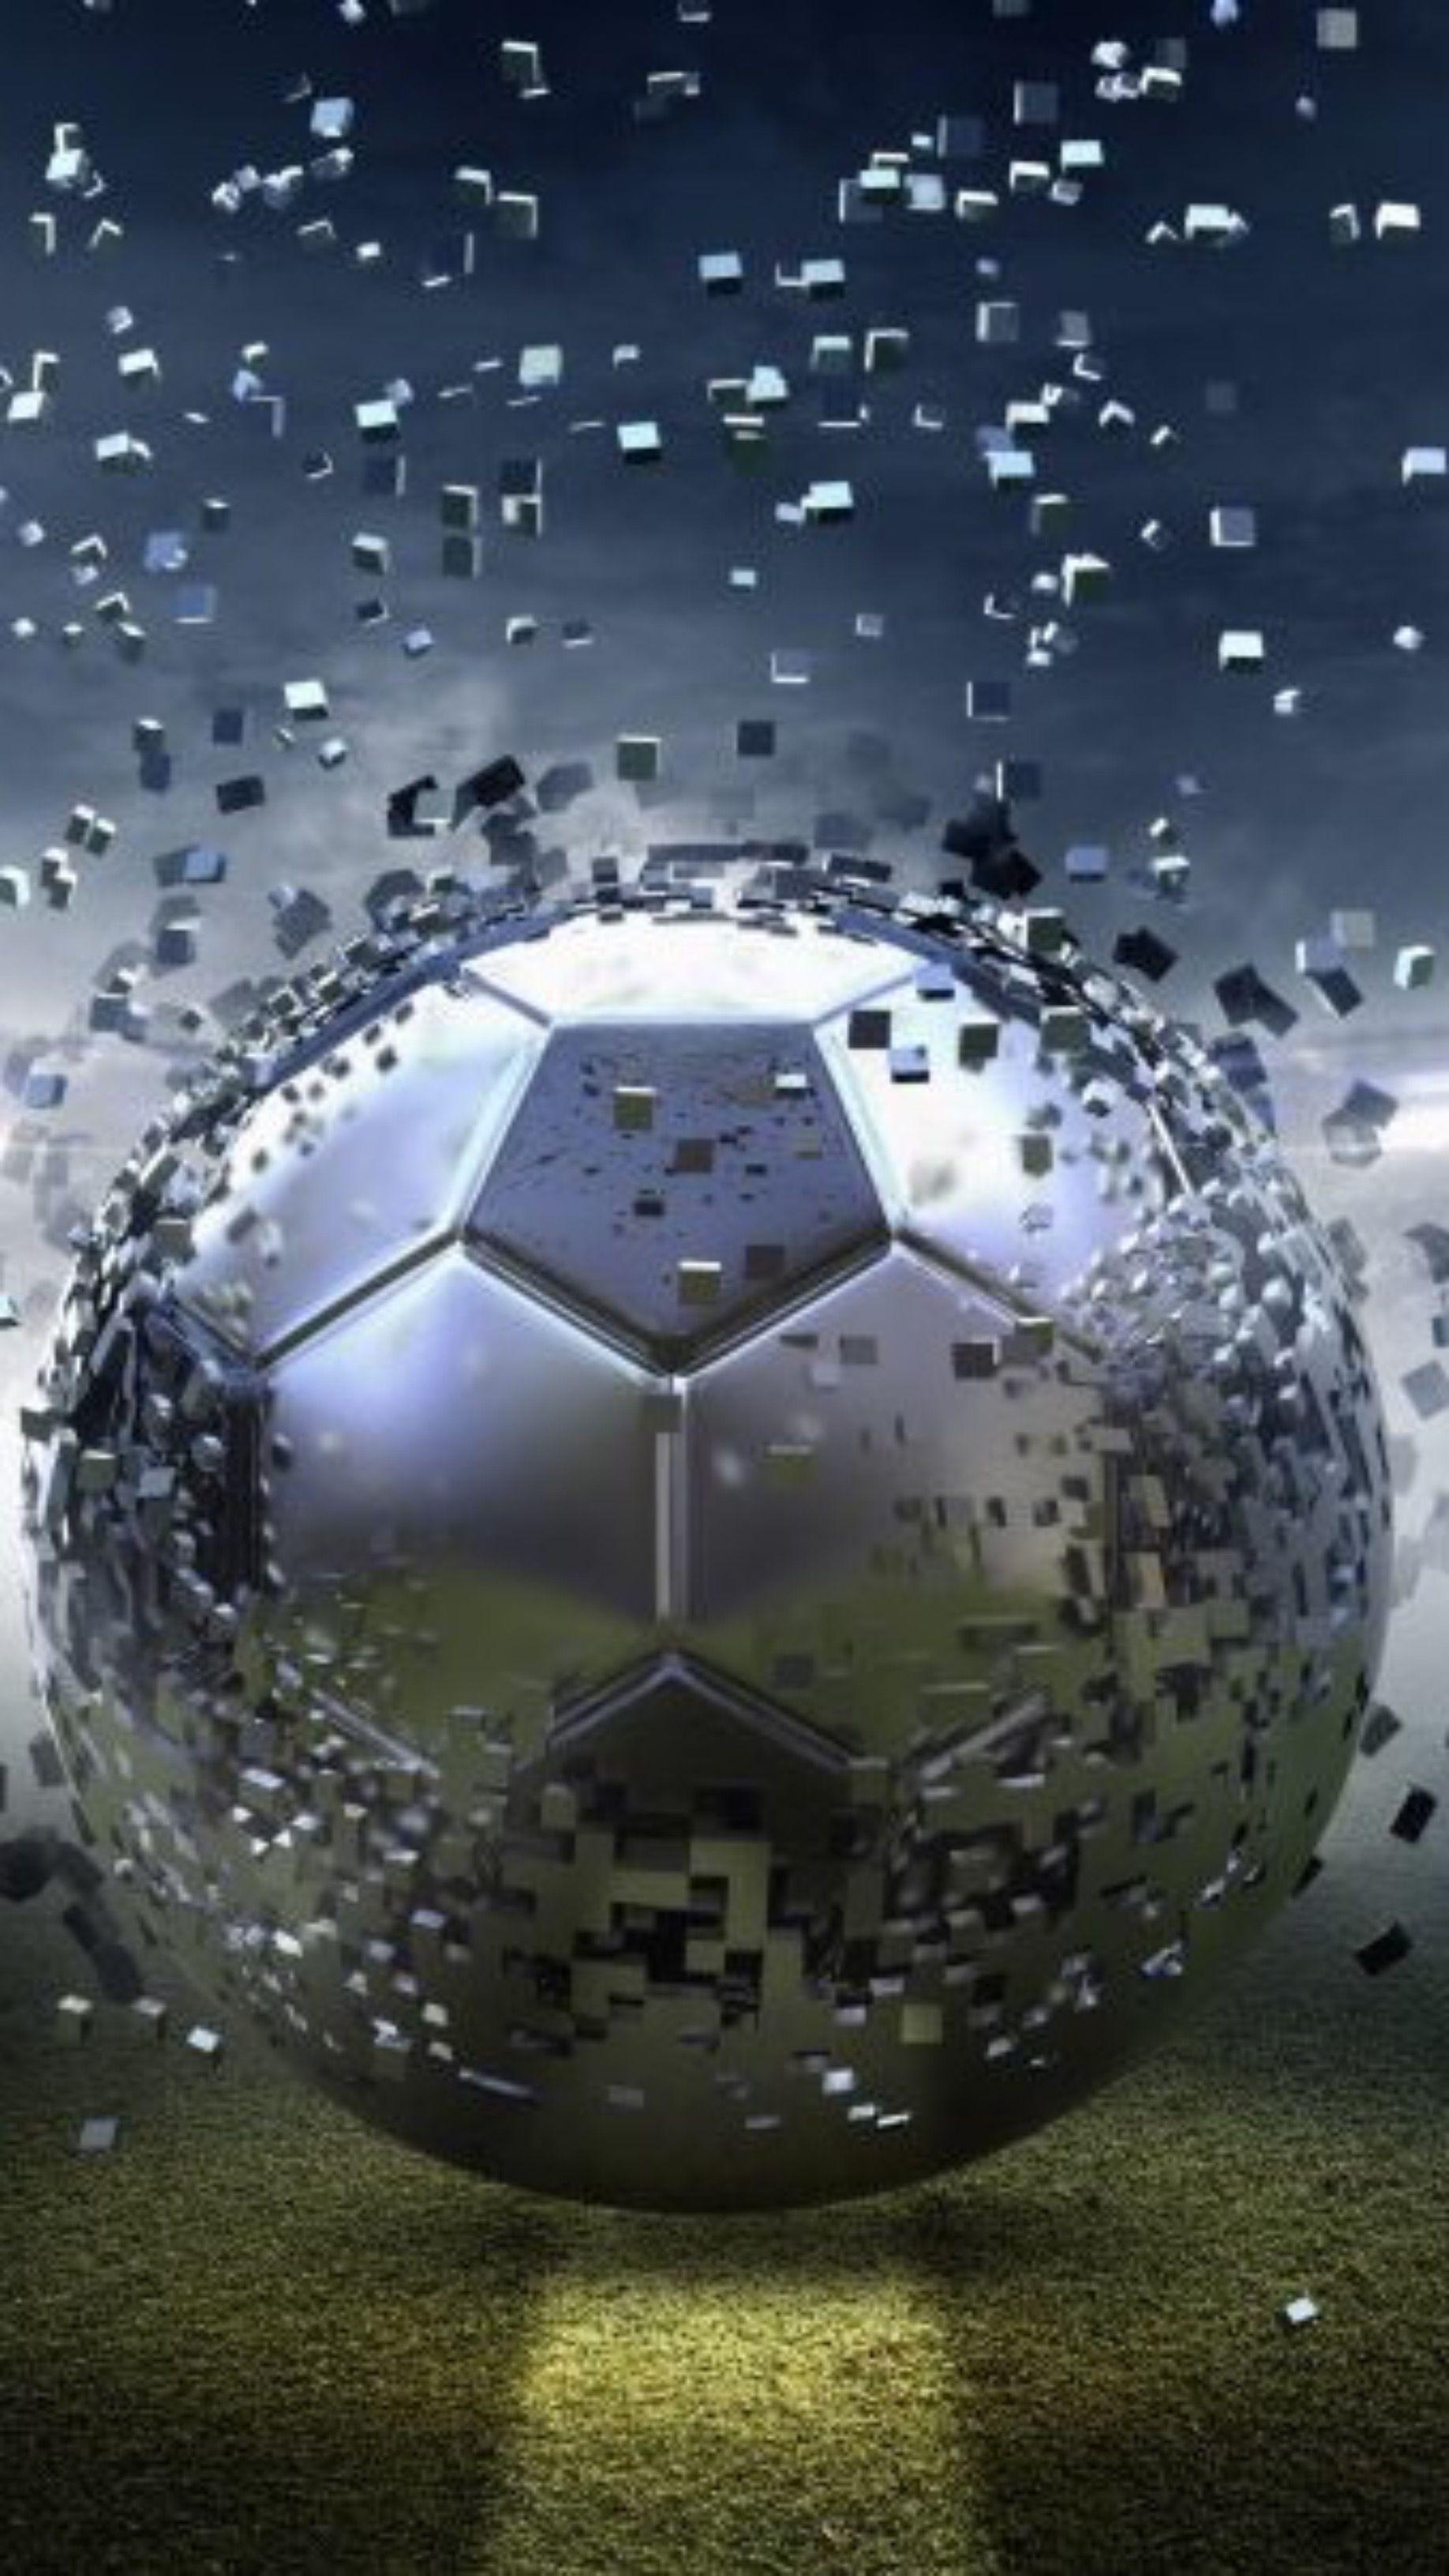 Pin Von Bine Auf Foto Zum Selber Machen In 2019 Fussball